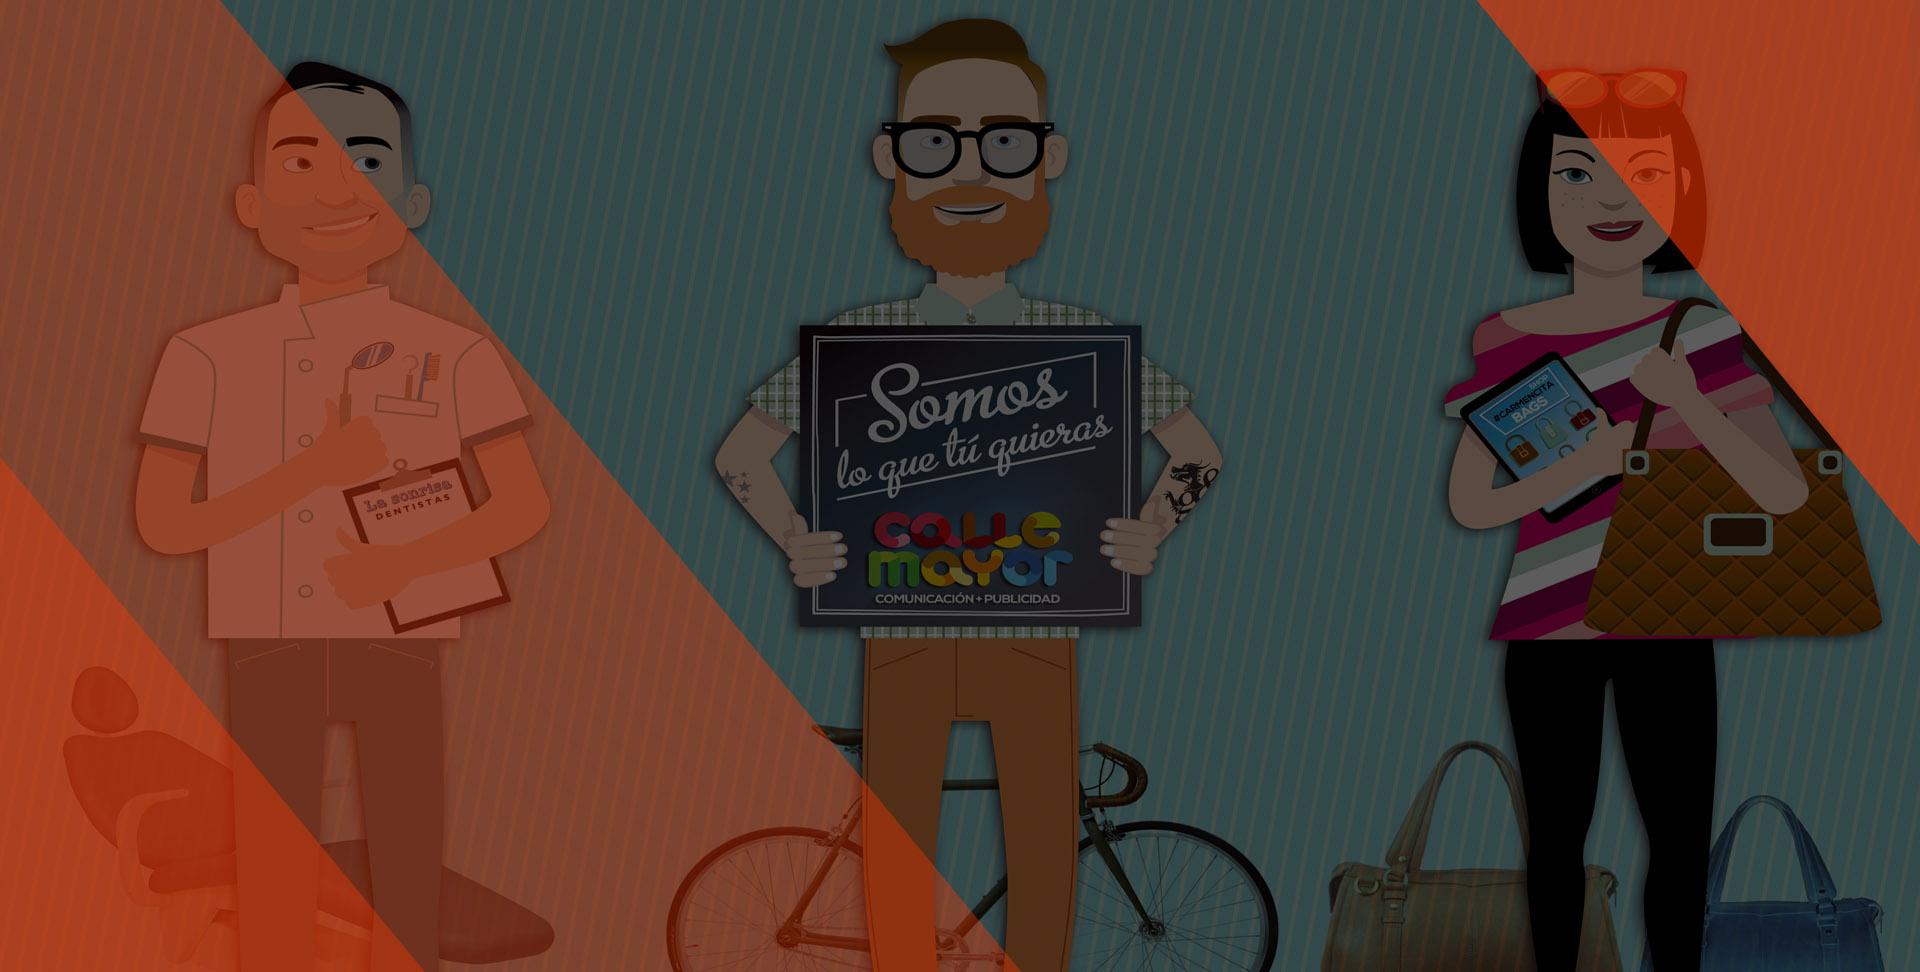 Ilustración Somos lo que quieras - Calle Mayor Comunicación y Publicidad